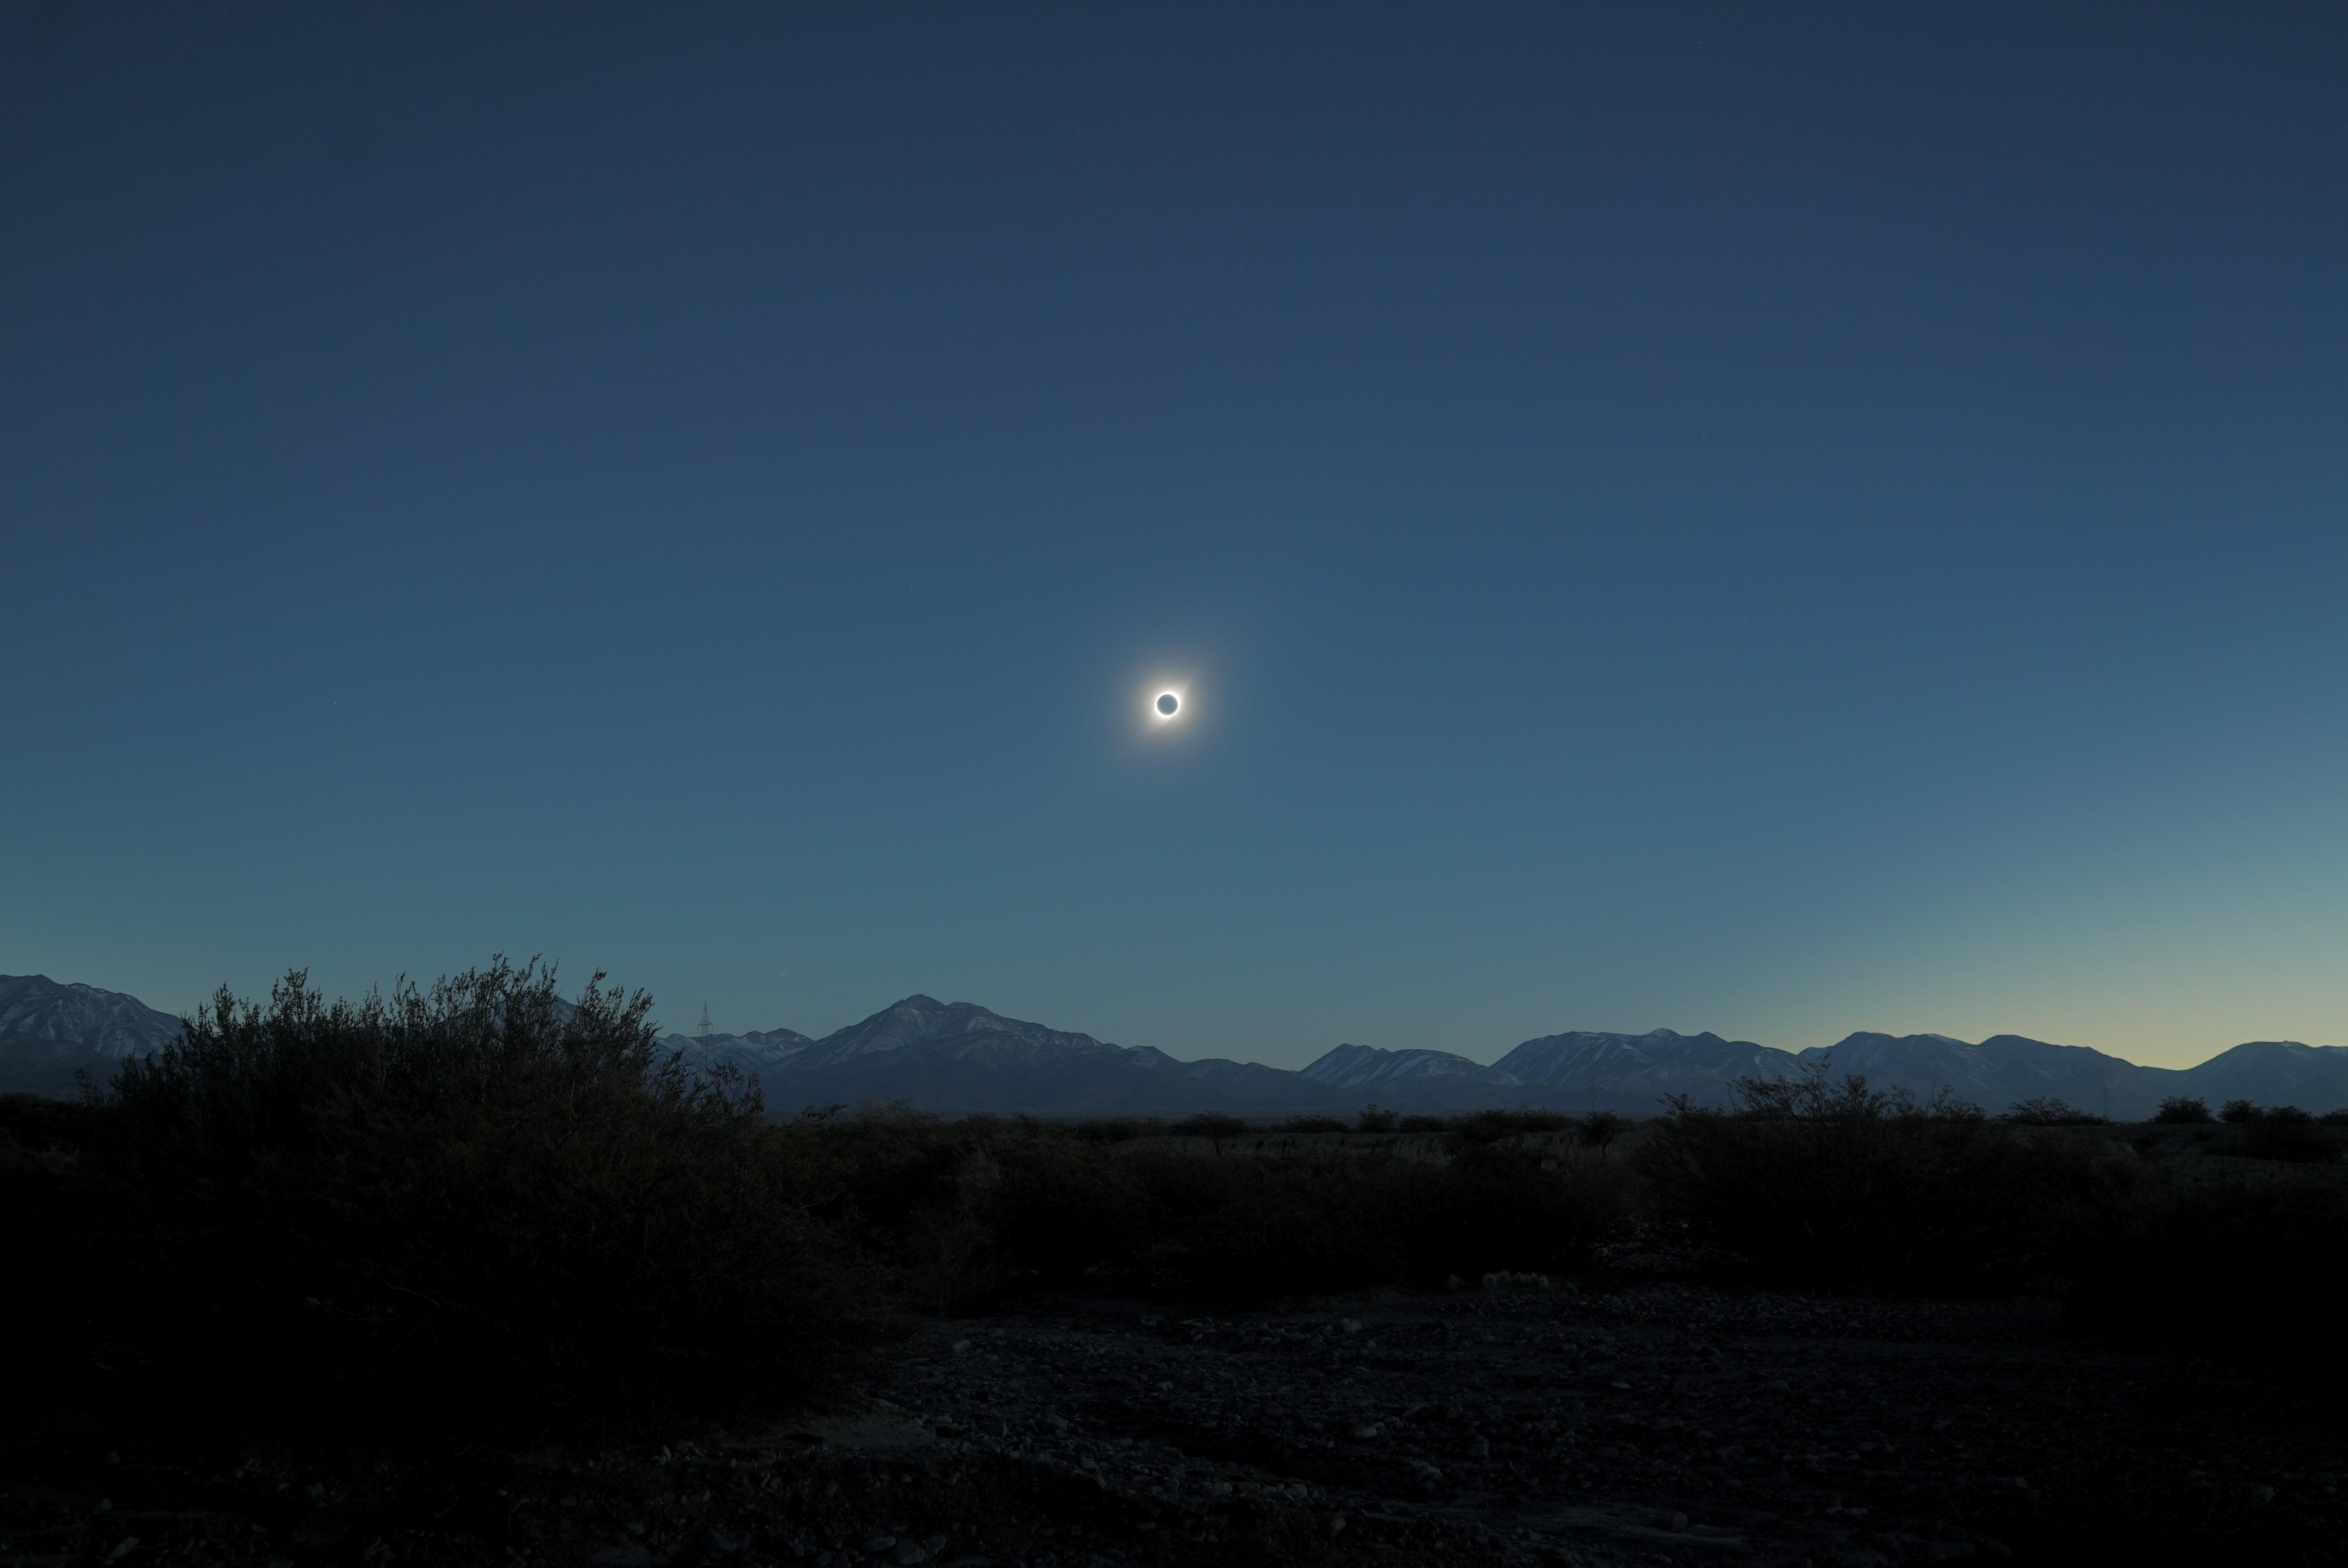 eclipse-020719-20h40m00-24mmf5-sum3.jpg